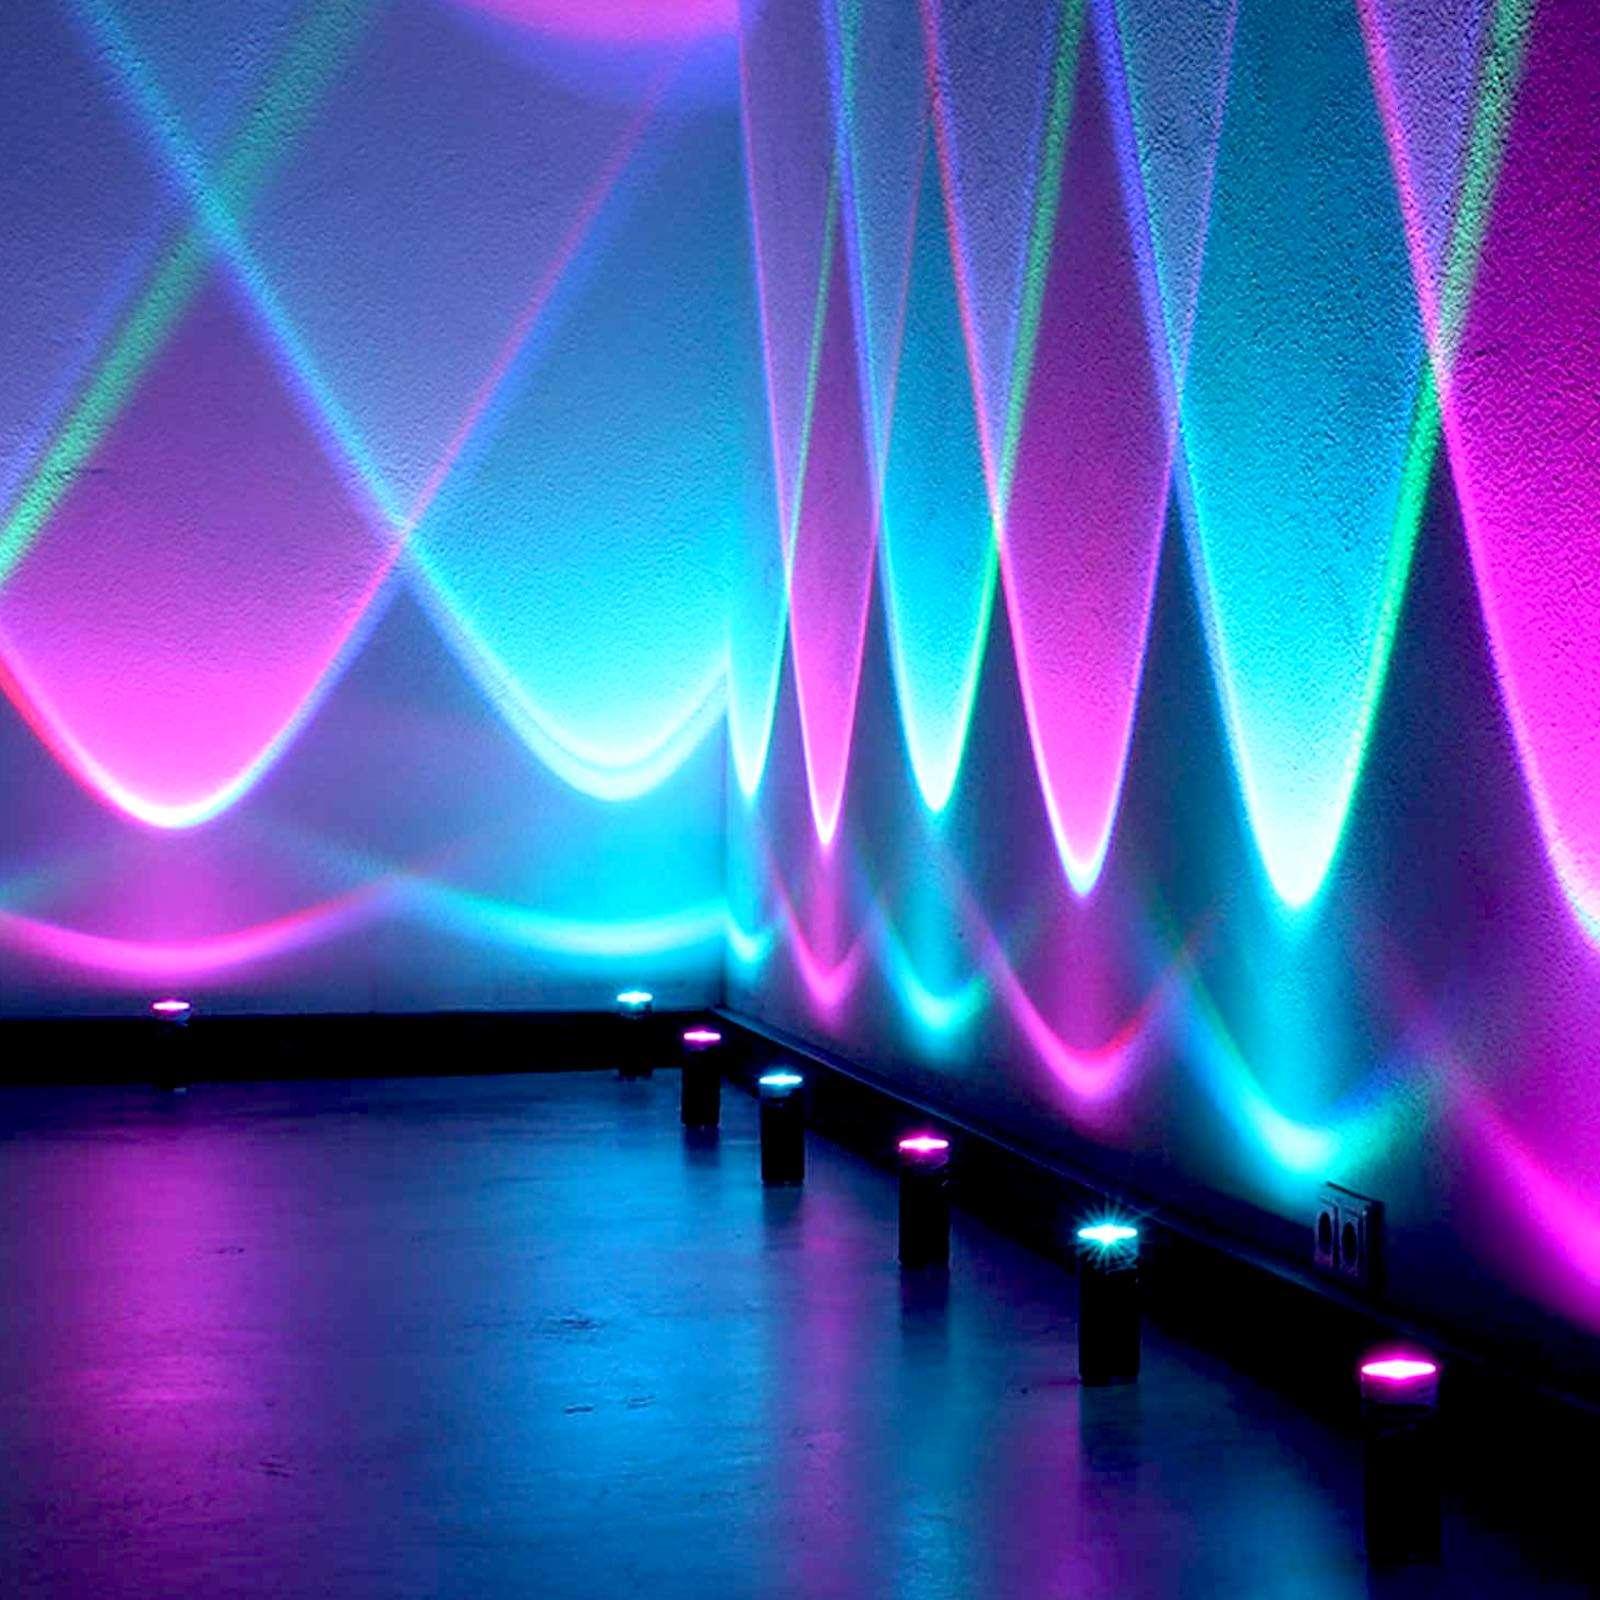 lichttechnik |Indoor |Ambiente |Beleuchtung |Veranstaltungstechnik |Fassadenbeleuchtung |Firmenfeier |Show |Gala |Akku |LED |Outdoor |Spots |Scheinwerfer |Mieten |Buchen